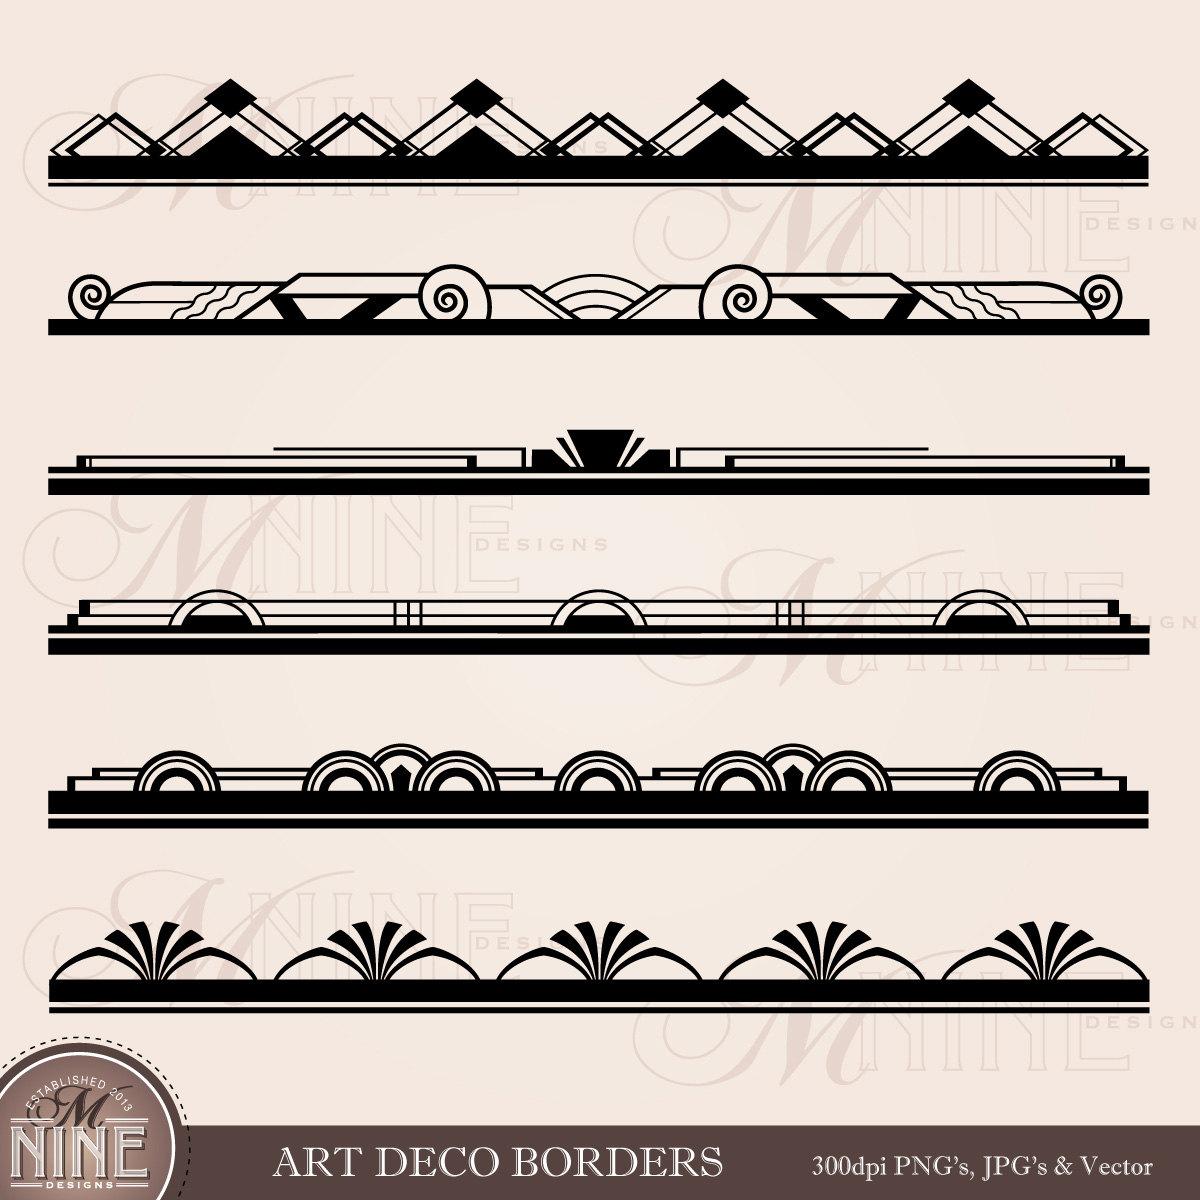 Lines clipart art deco Clip BORDER Art Deco Design